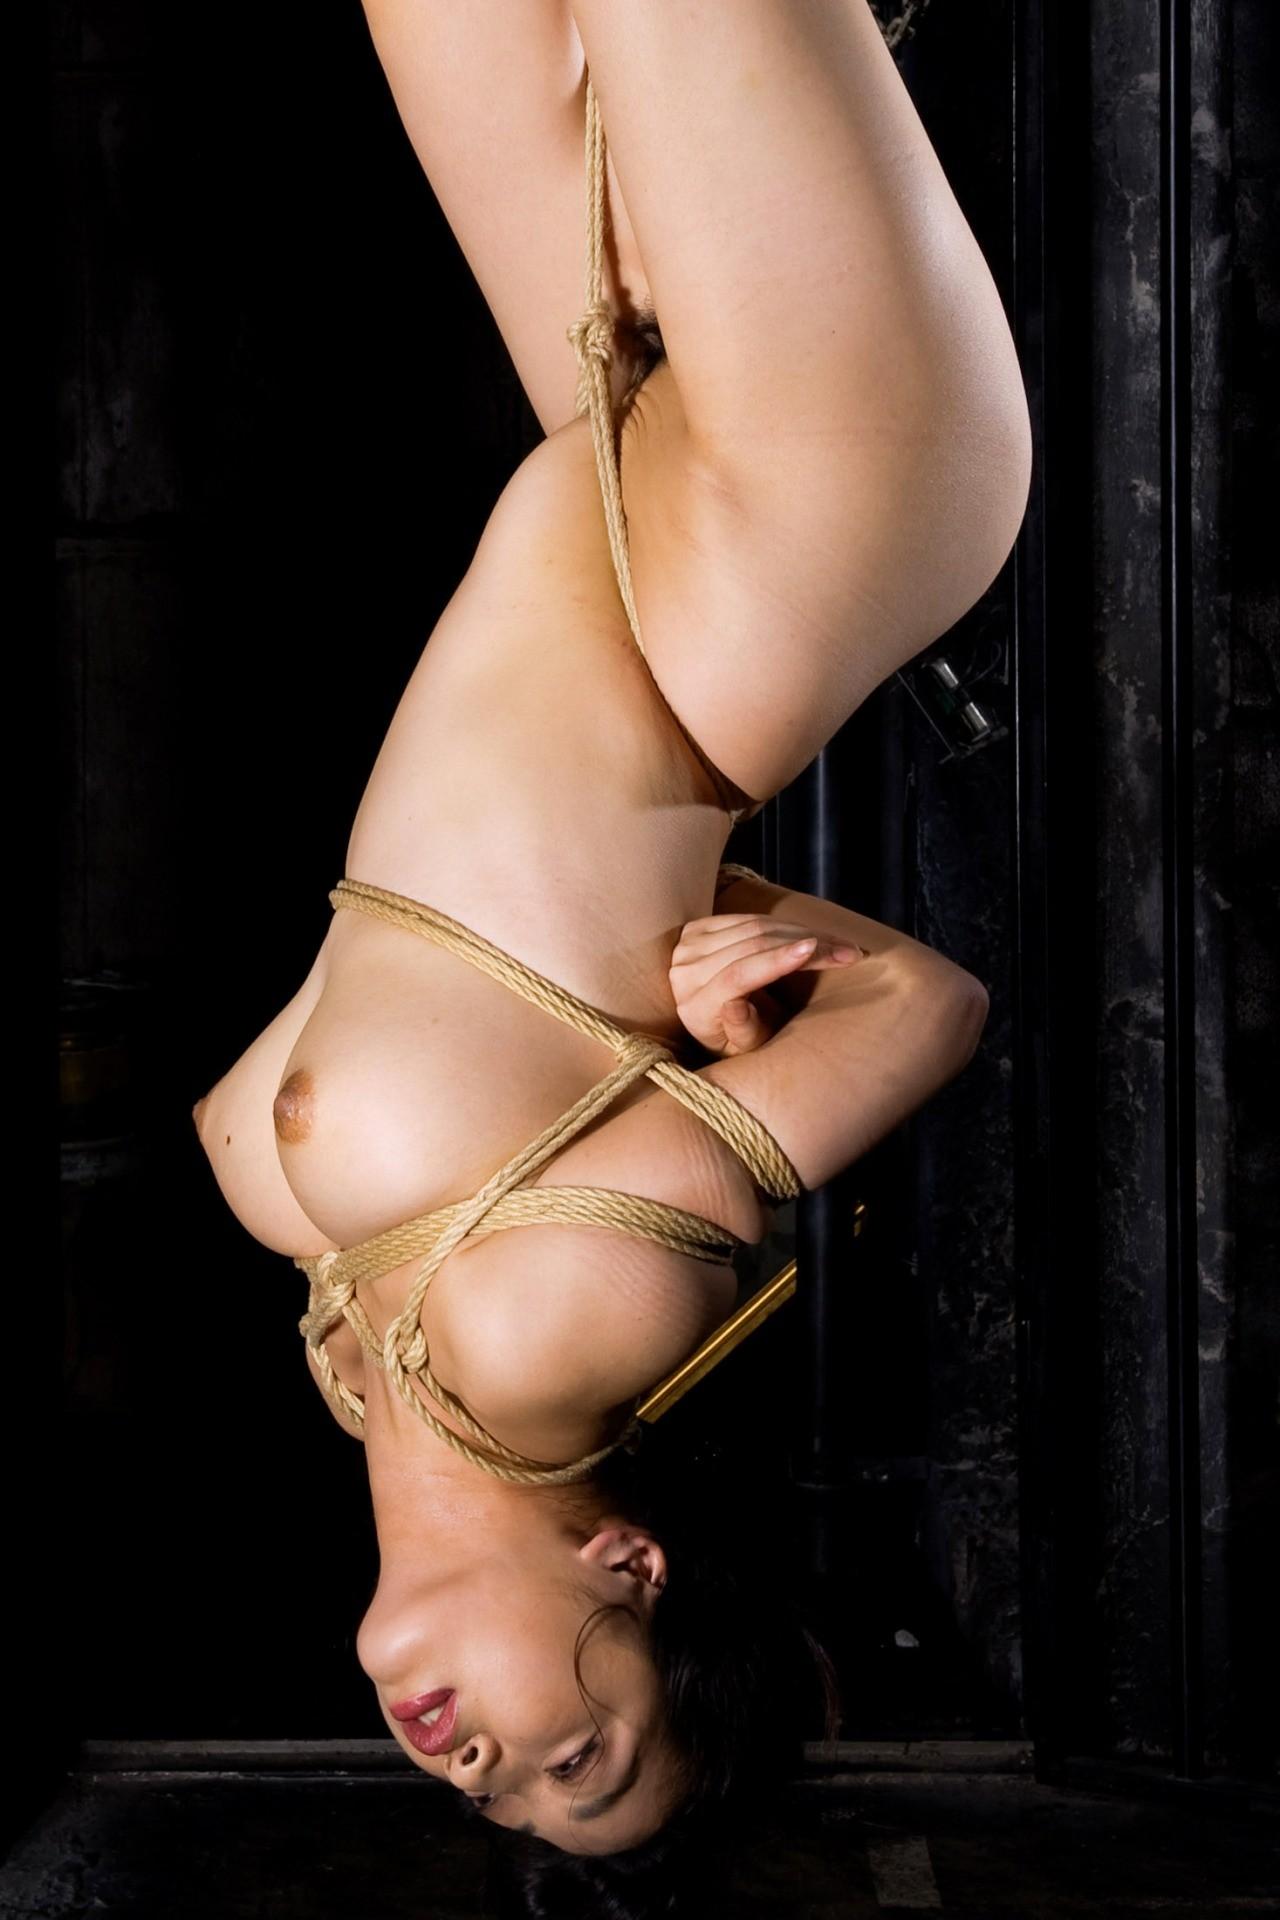 【SMエロ画像】縄を巻いて卑猥さアップ!ムッチリ女体に凄く似合う縄化粧www 14